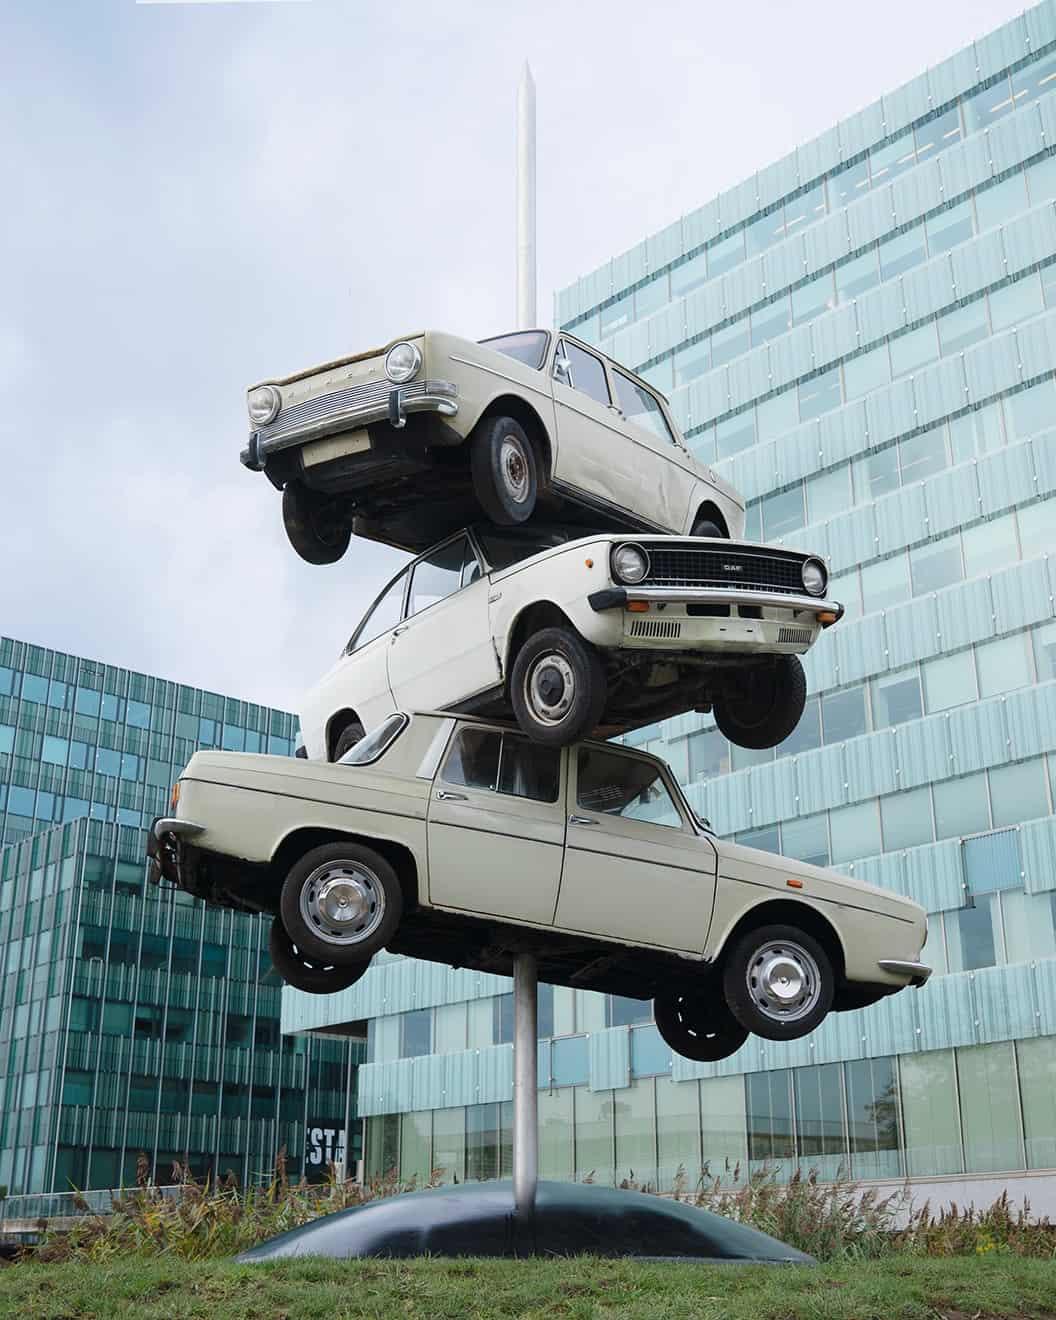 Frankey - 3 auto's op grote prikpen - kunst op straat